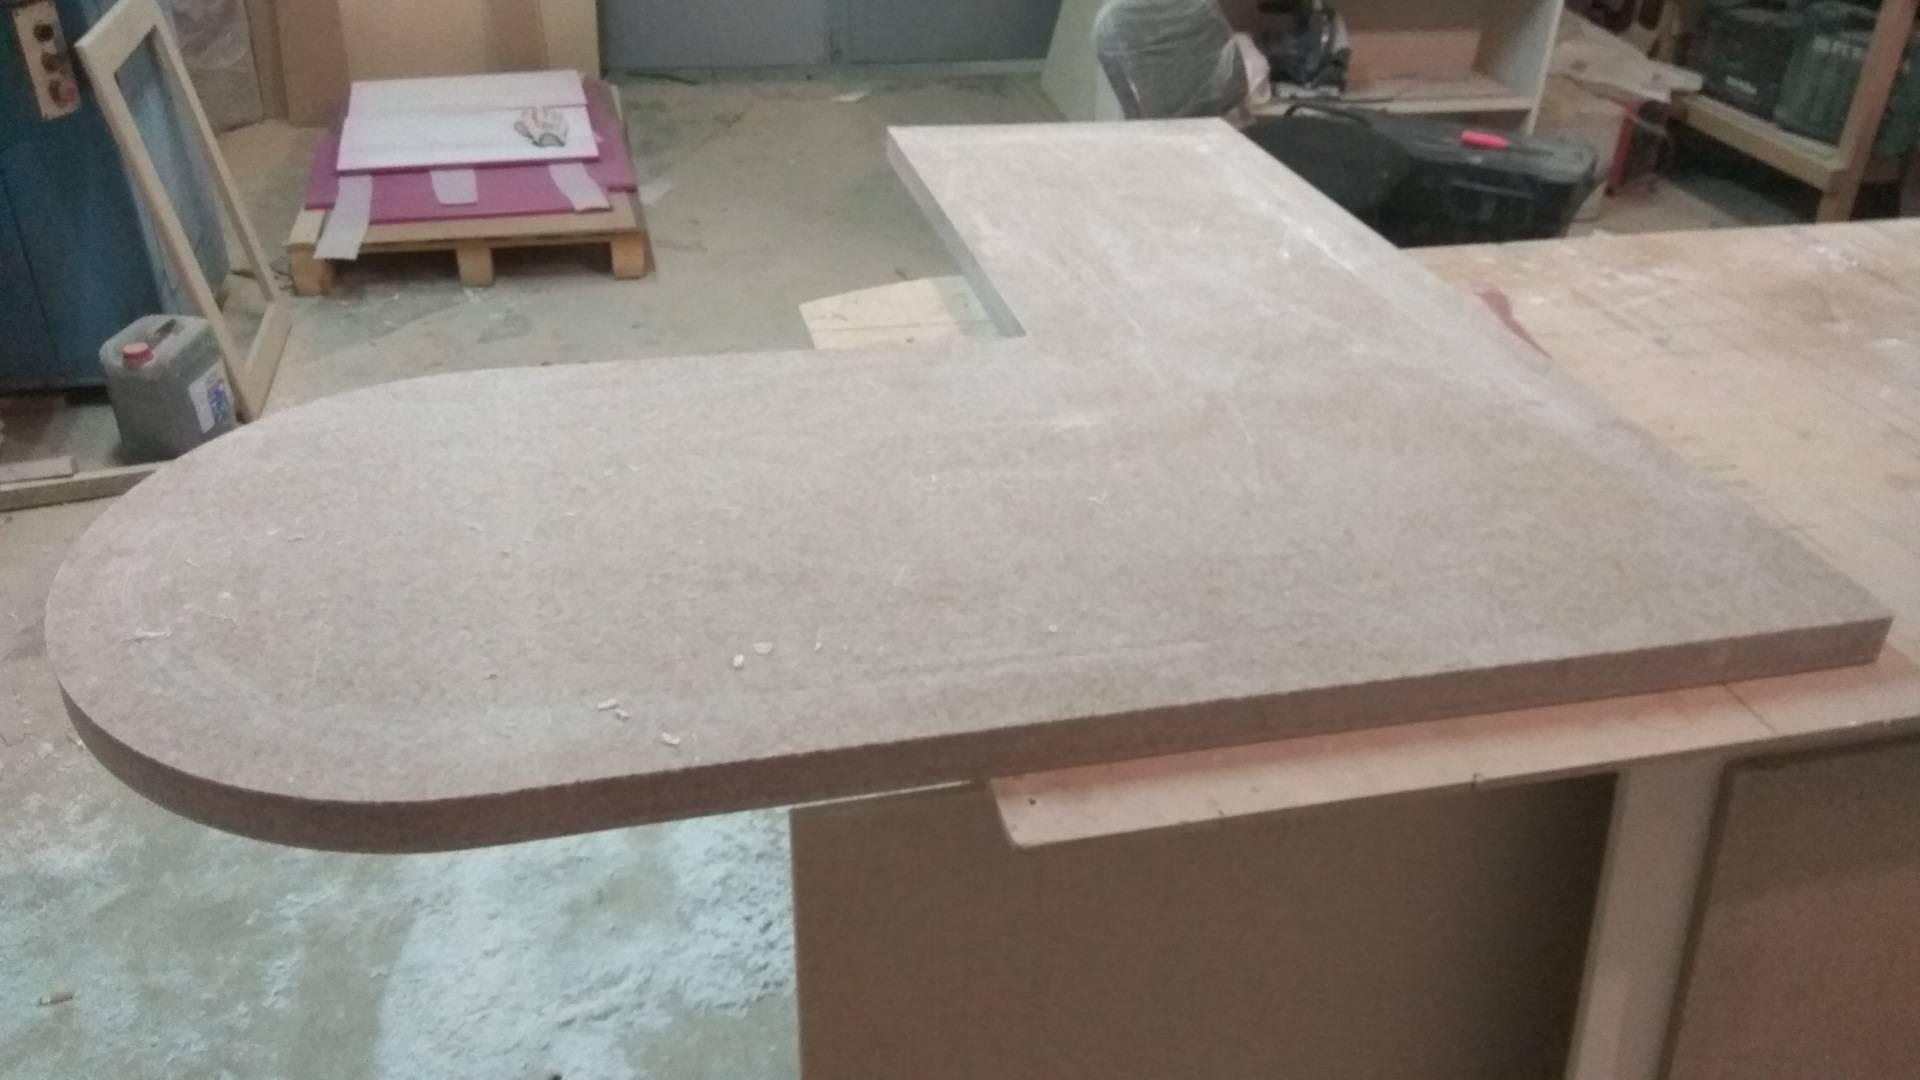 Столешница из камня своими руками - из бетона, кварца, керамической плитки, из акрилового искусственного камня. пошаговое руководство по установке столешницы